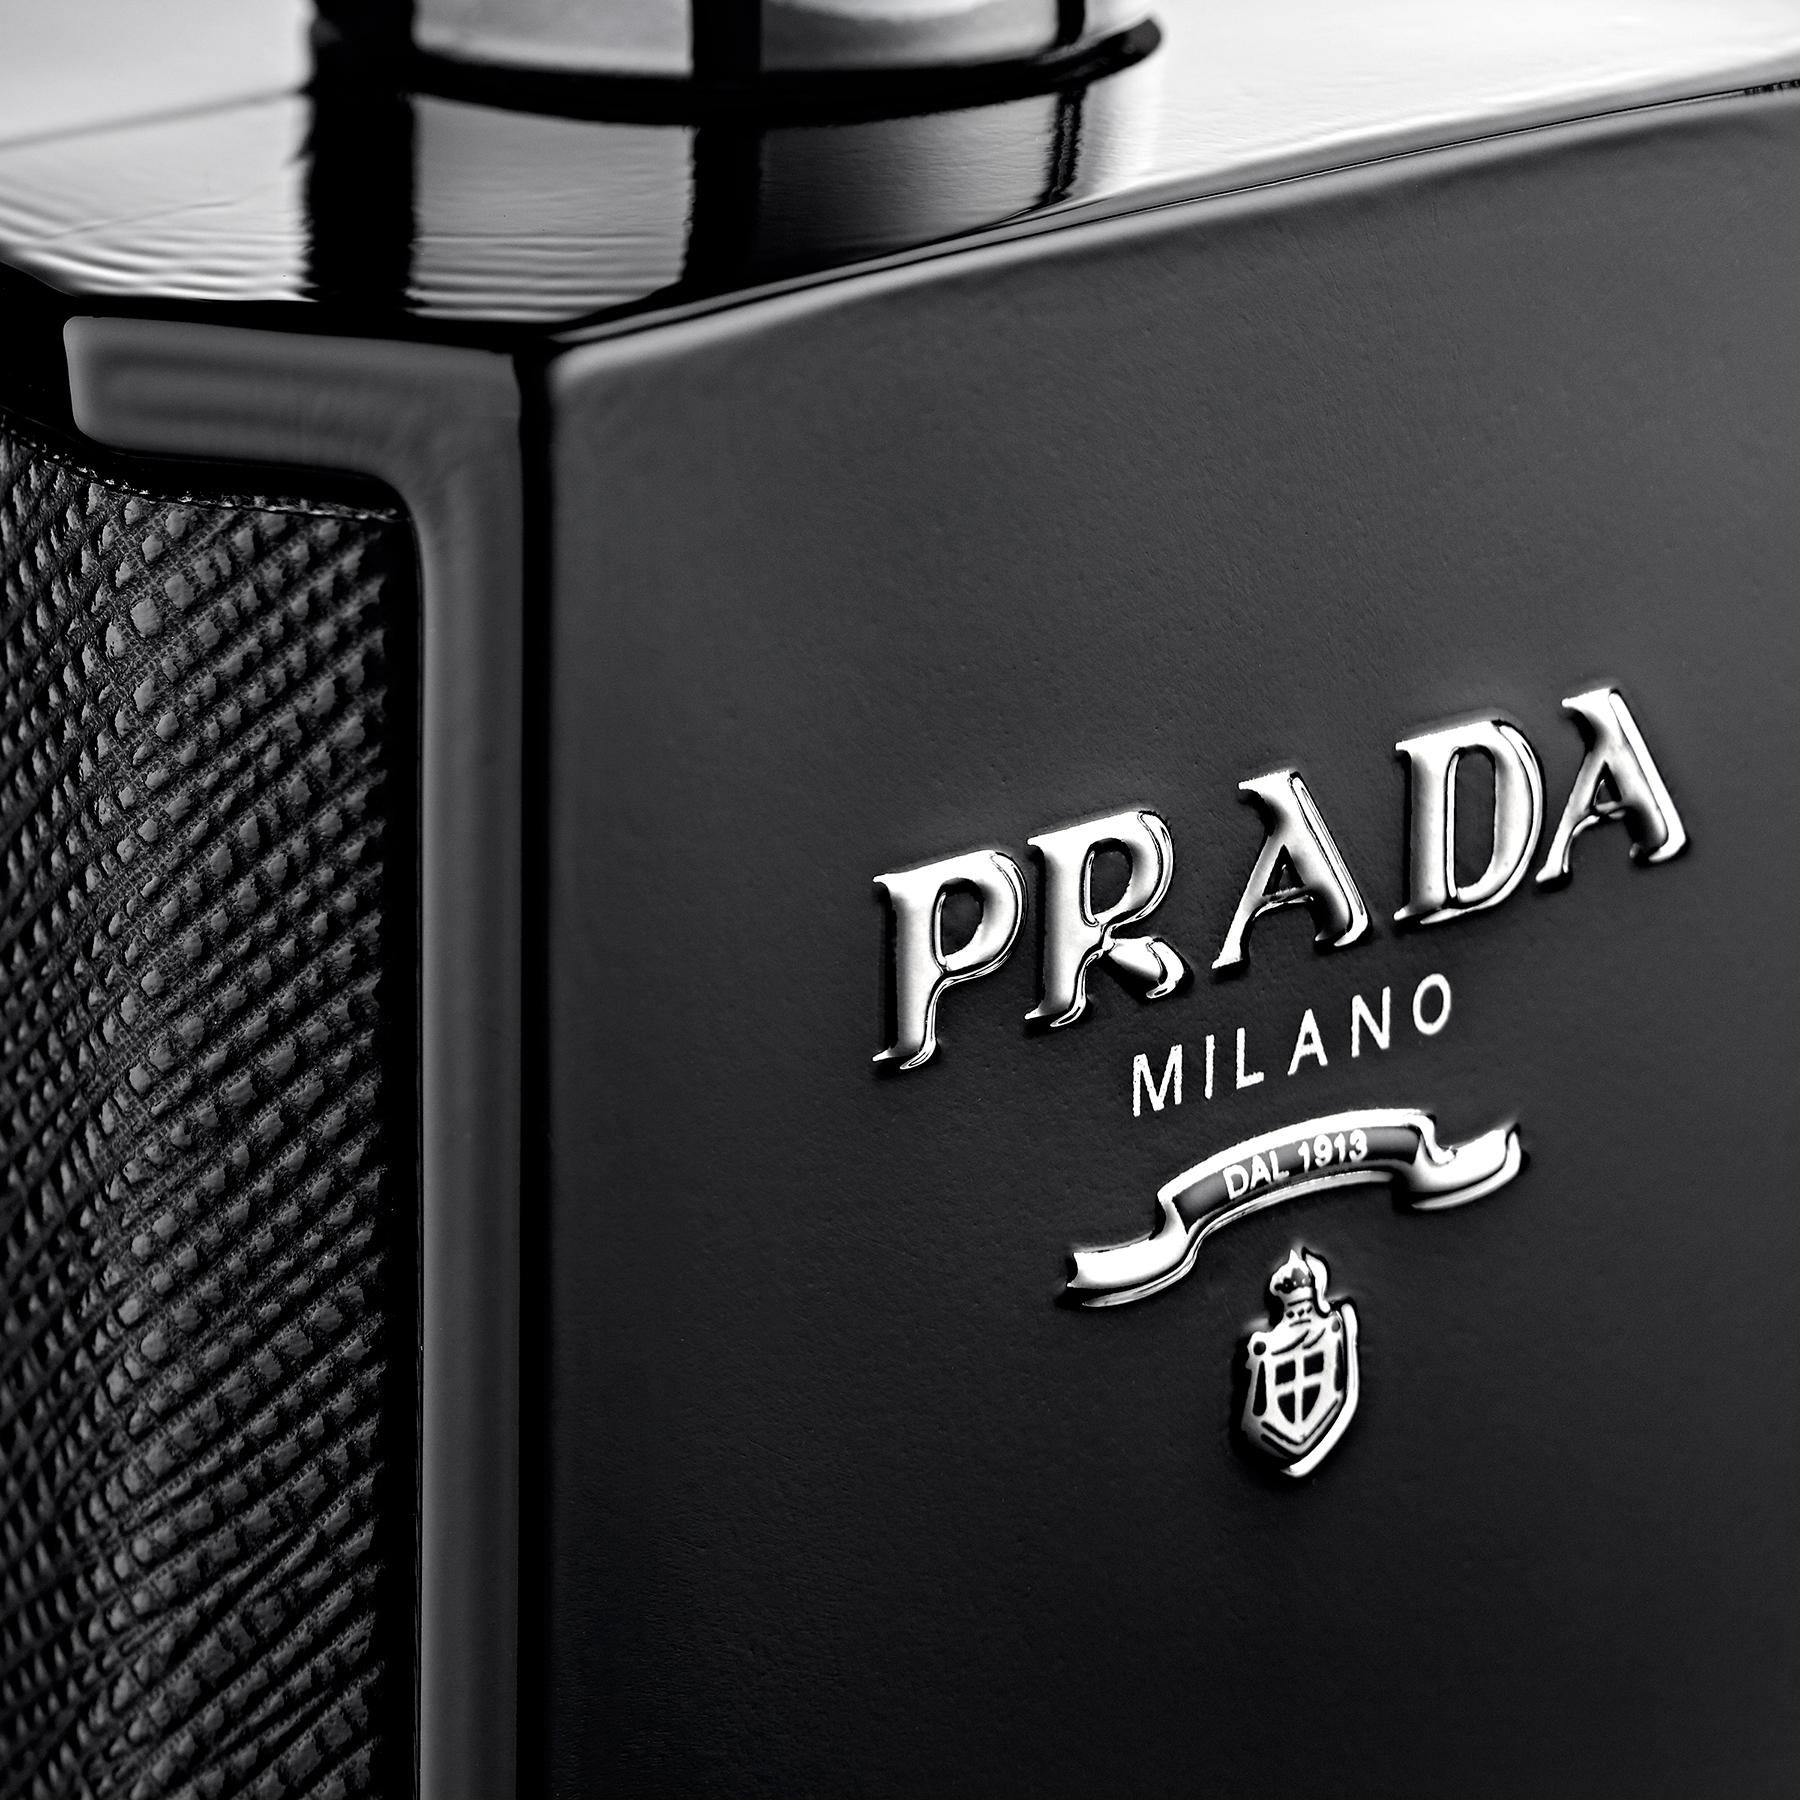 Packshot parfum Prada homme - Vue de détail